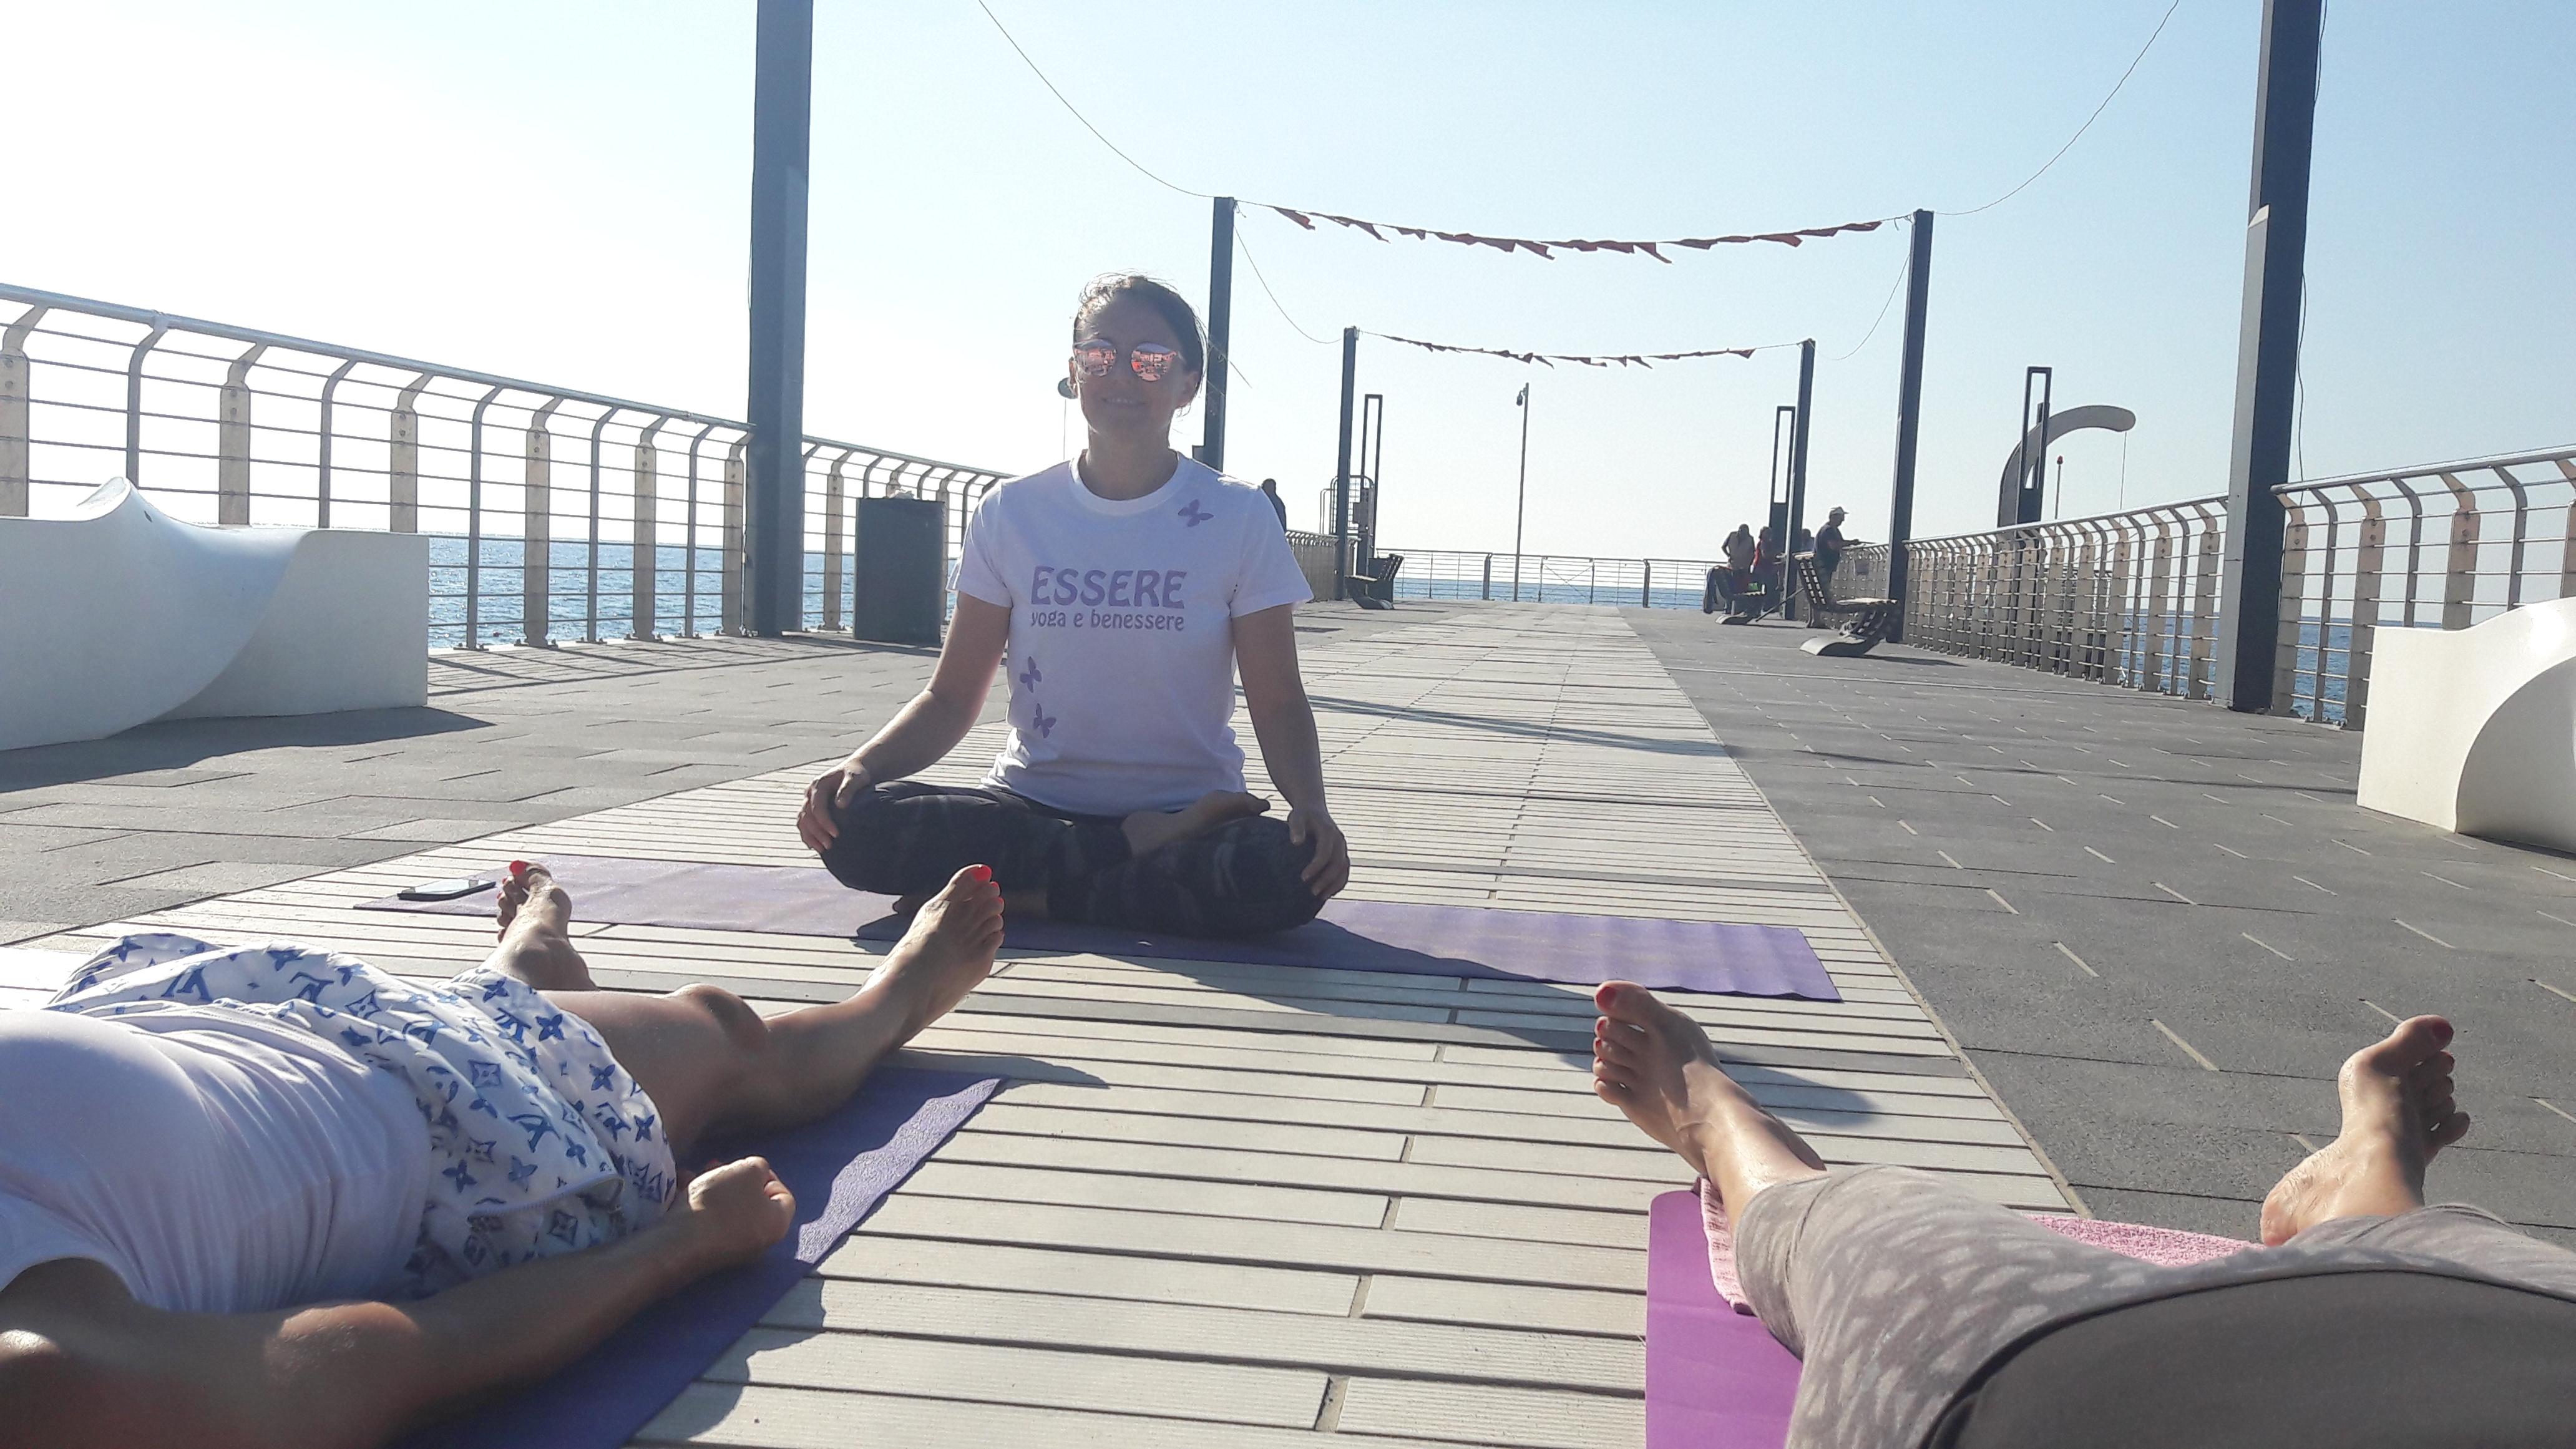 essere-free-yoga-gratuito-benessere-per-tutti-village-citta-alassio-estate-lucia-ragazzi-summer-town-wellness-047